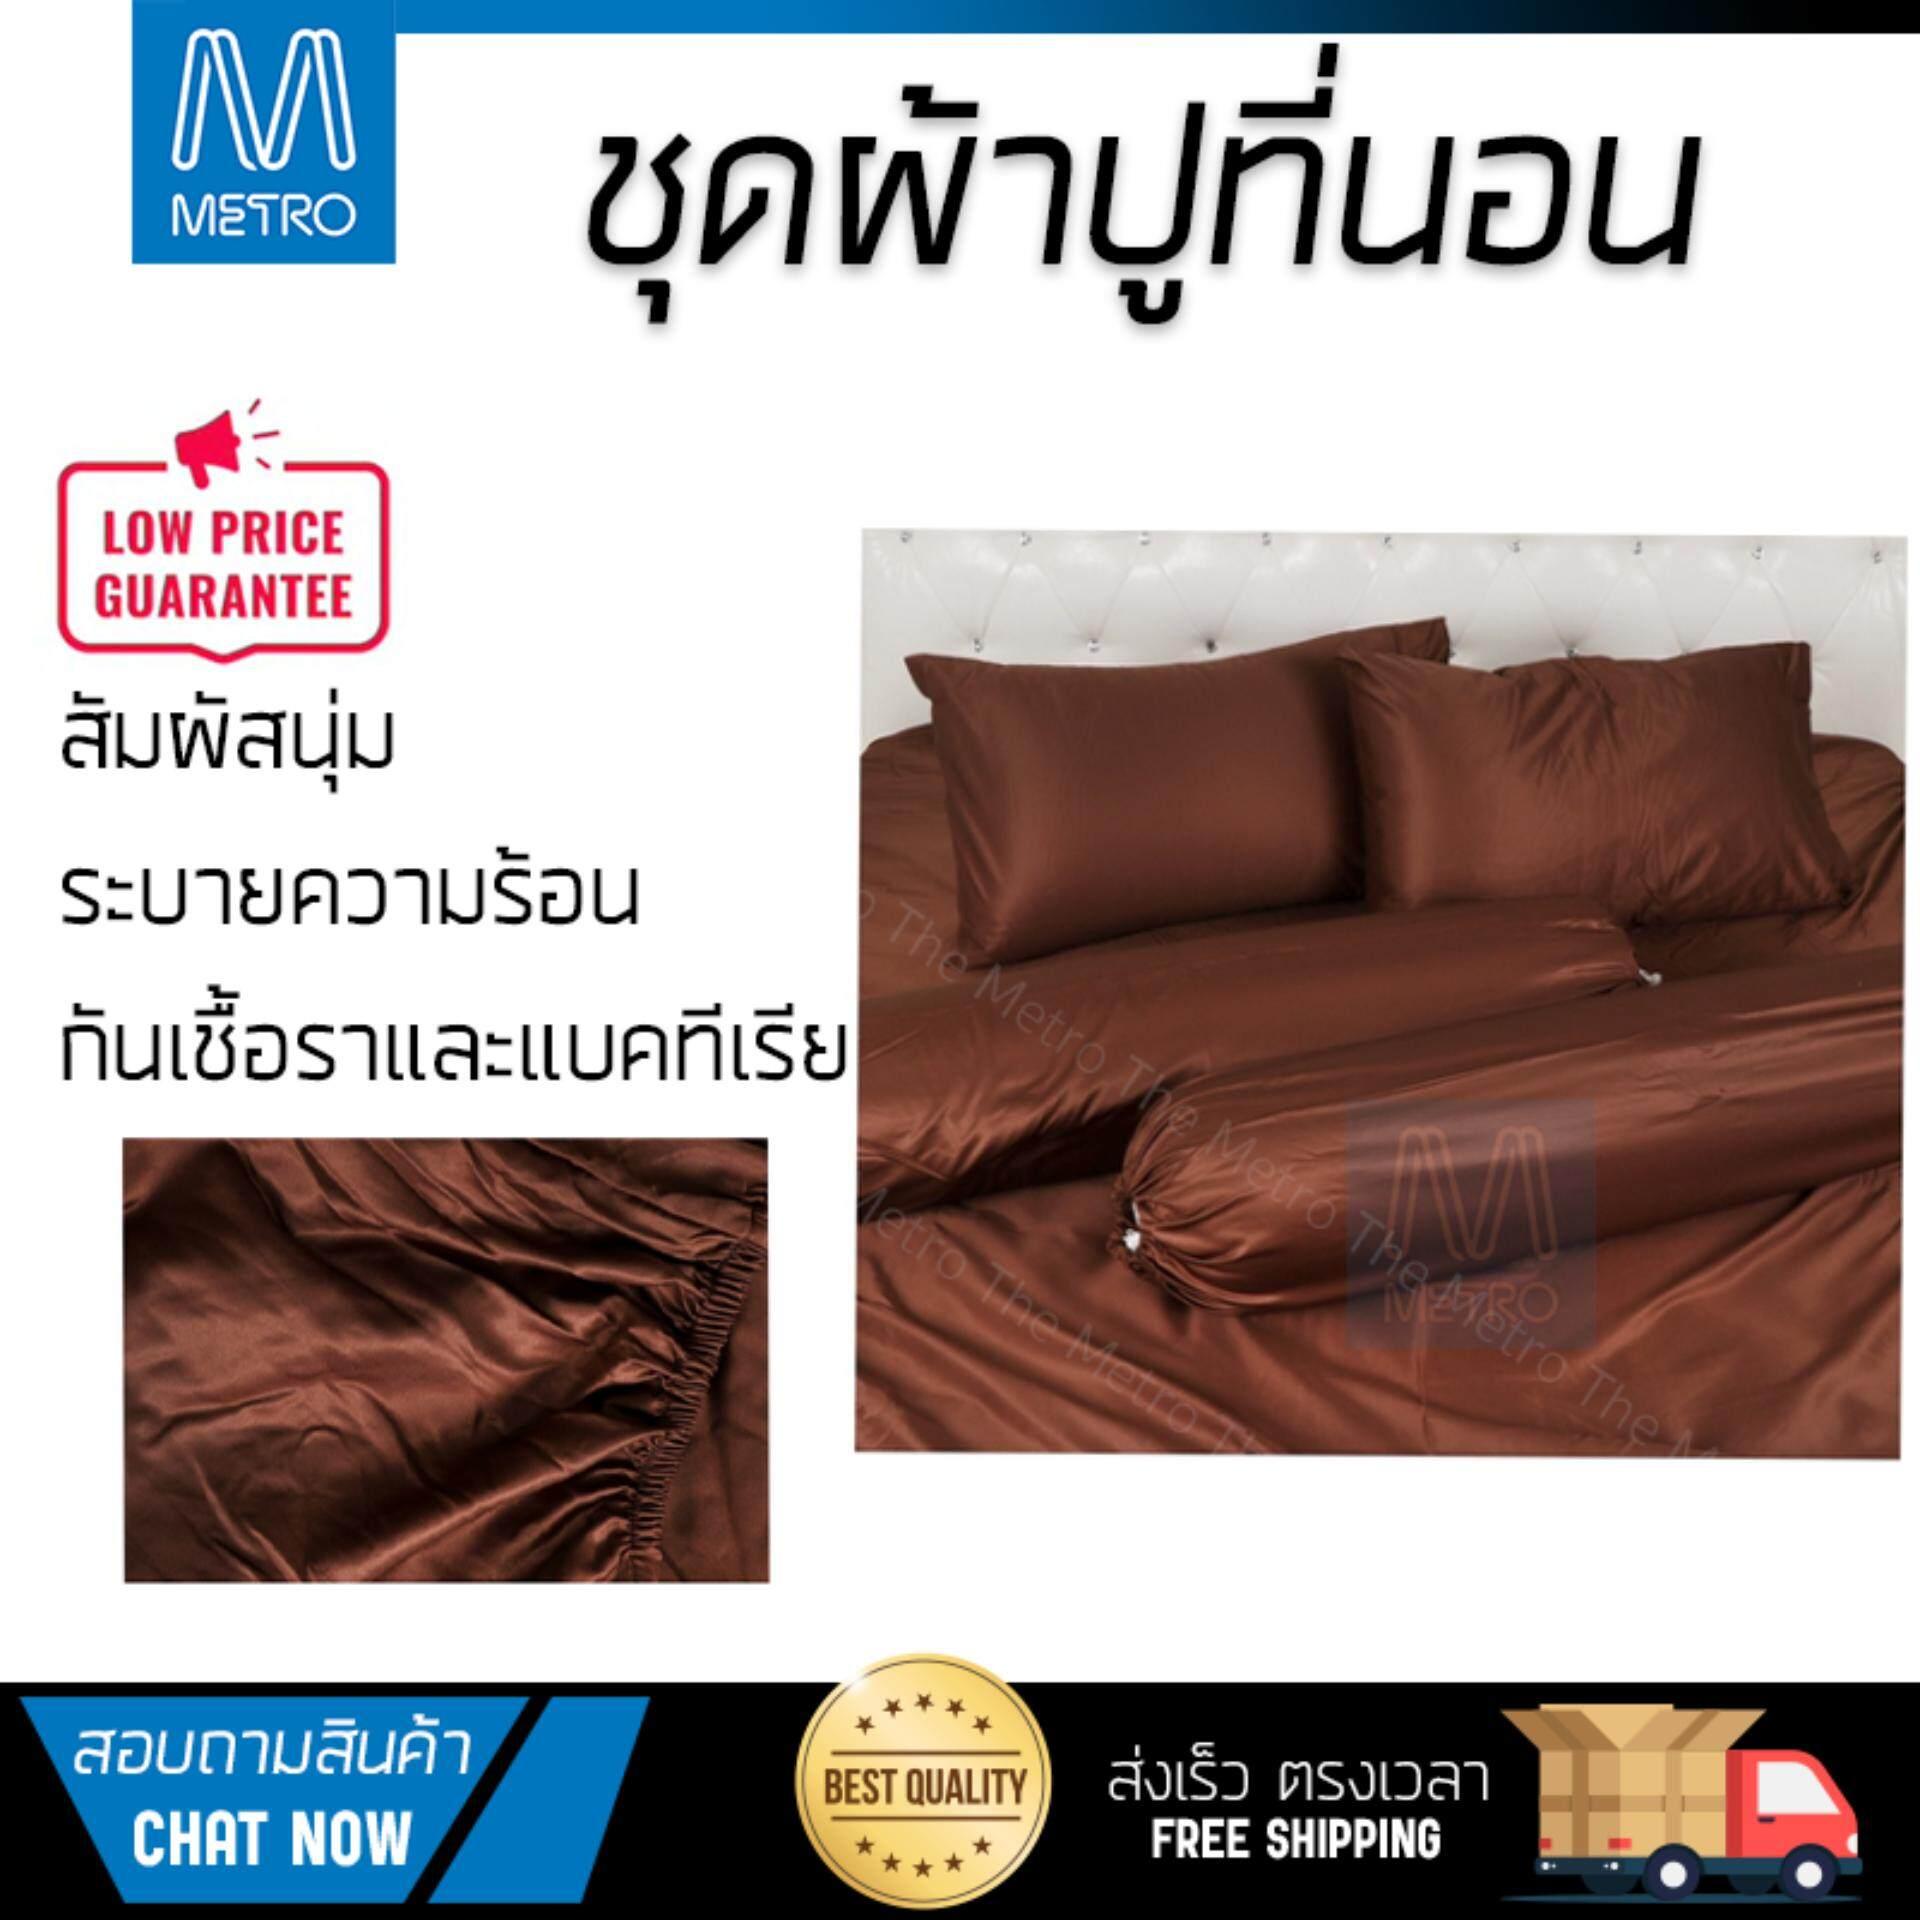 ลดสุดๆ ผ้าปูที่นอน ผ้าปูที่นอนกันไรฝุ่น ผ้าปู Q5 HOME LIVING STYLE 375TC SHIN น้ำตาลเข้ม | HOME LIVING STYLE | ผ้าปู Q5HLS375TC SHI สัมผัสนุ่ม นอนหลับสบาย เส้นใยทอพิเศษ ระบายความร้อนได้ดี กันเชื้อราแล